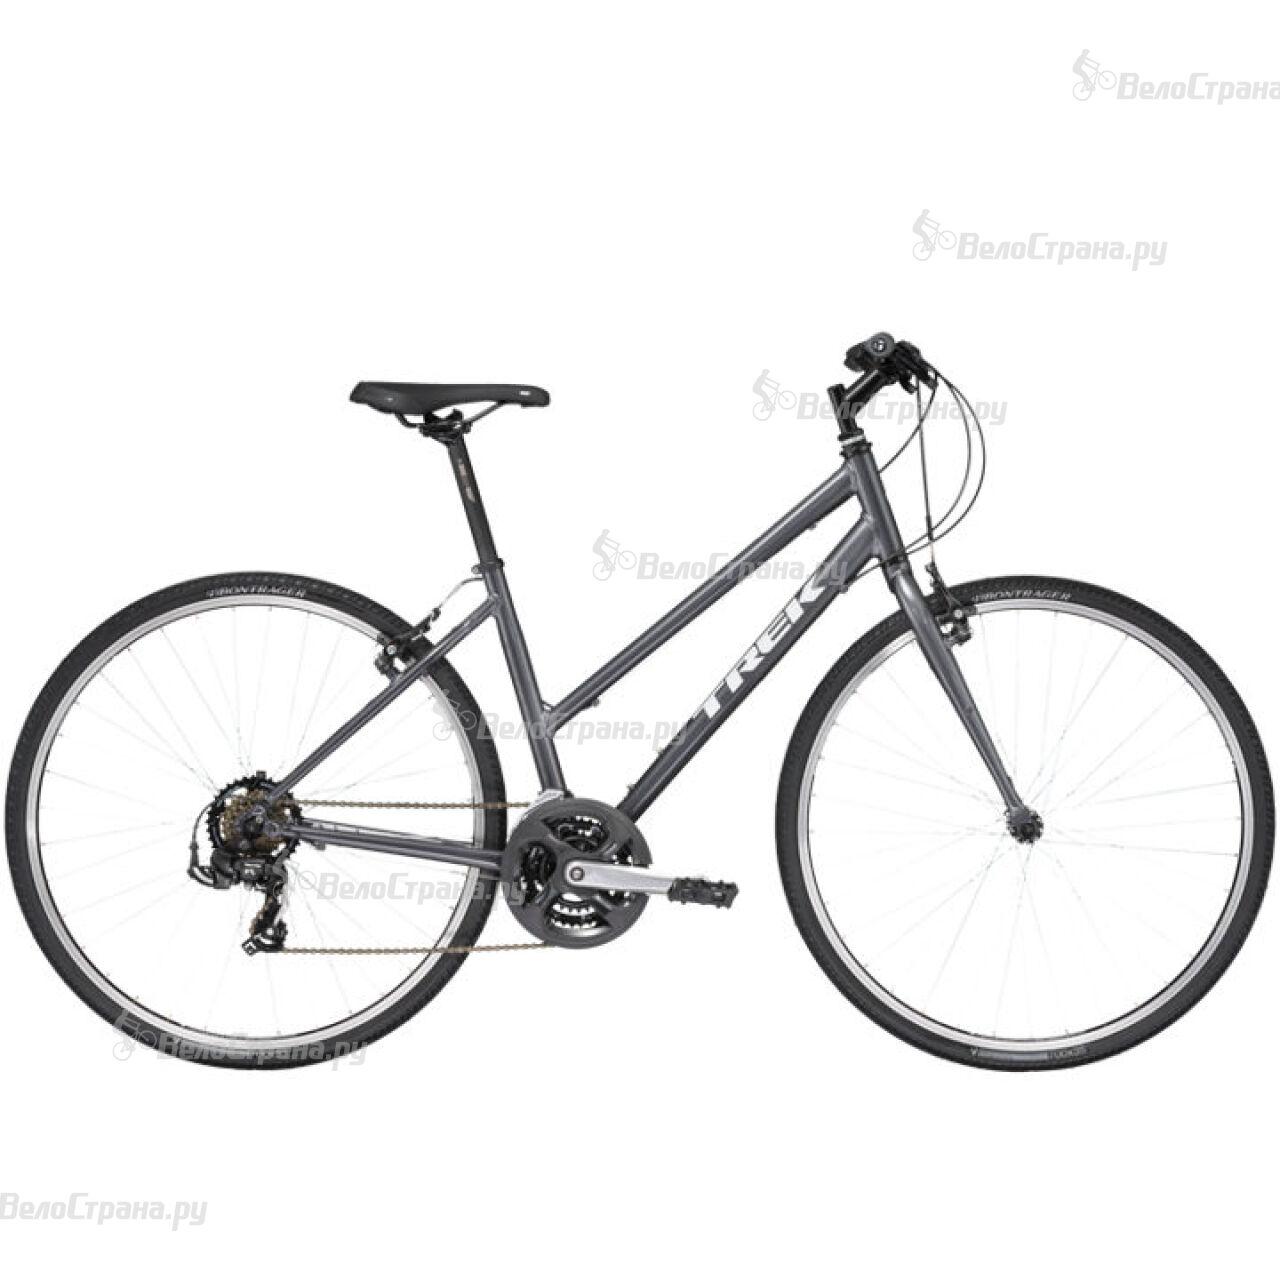 Велосипед Trek FX Stagger (2017) велосипед trek fx stagger 2017